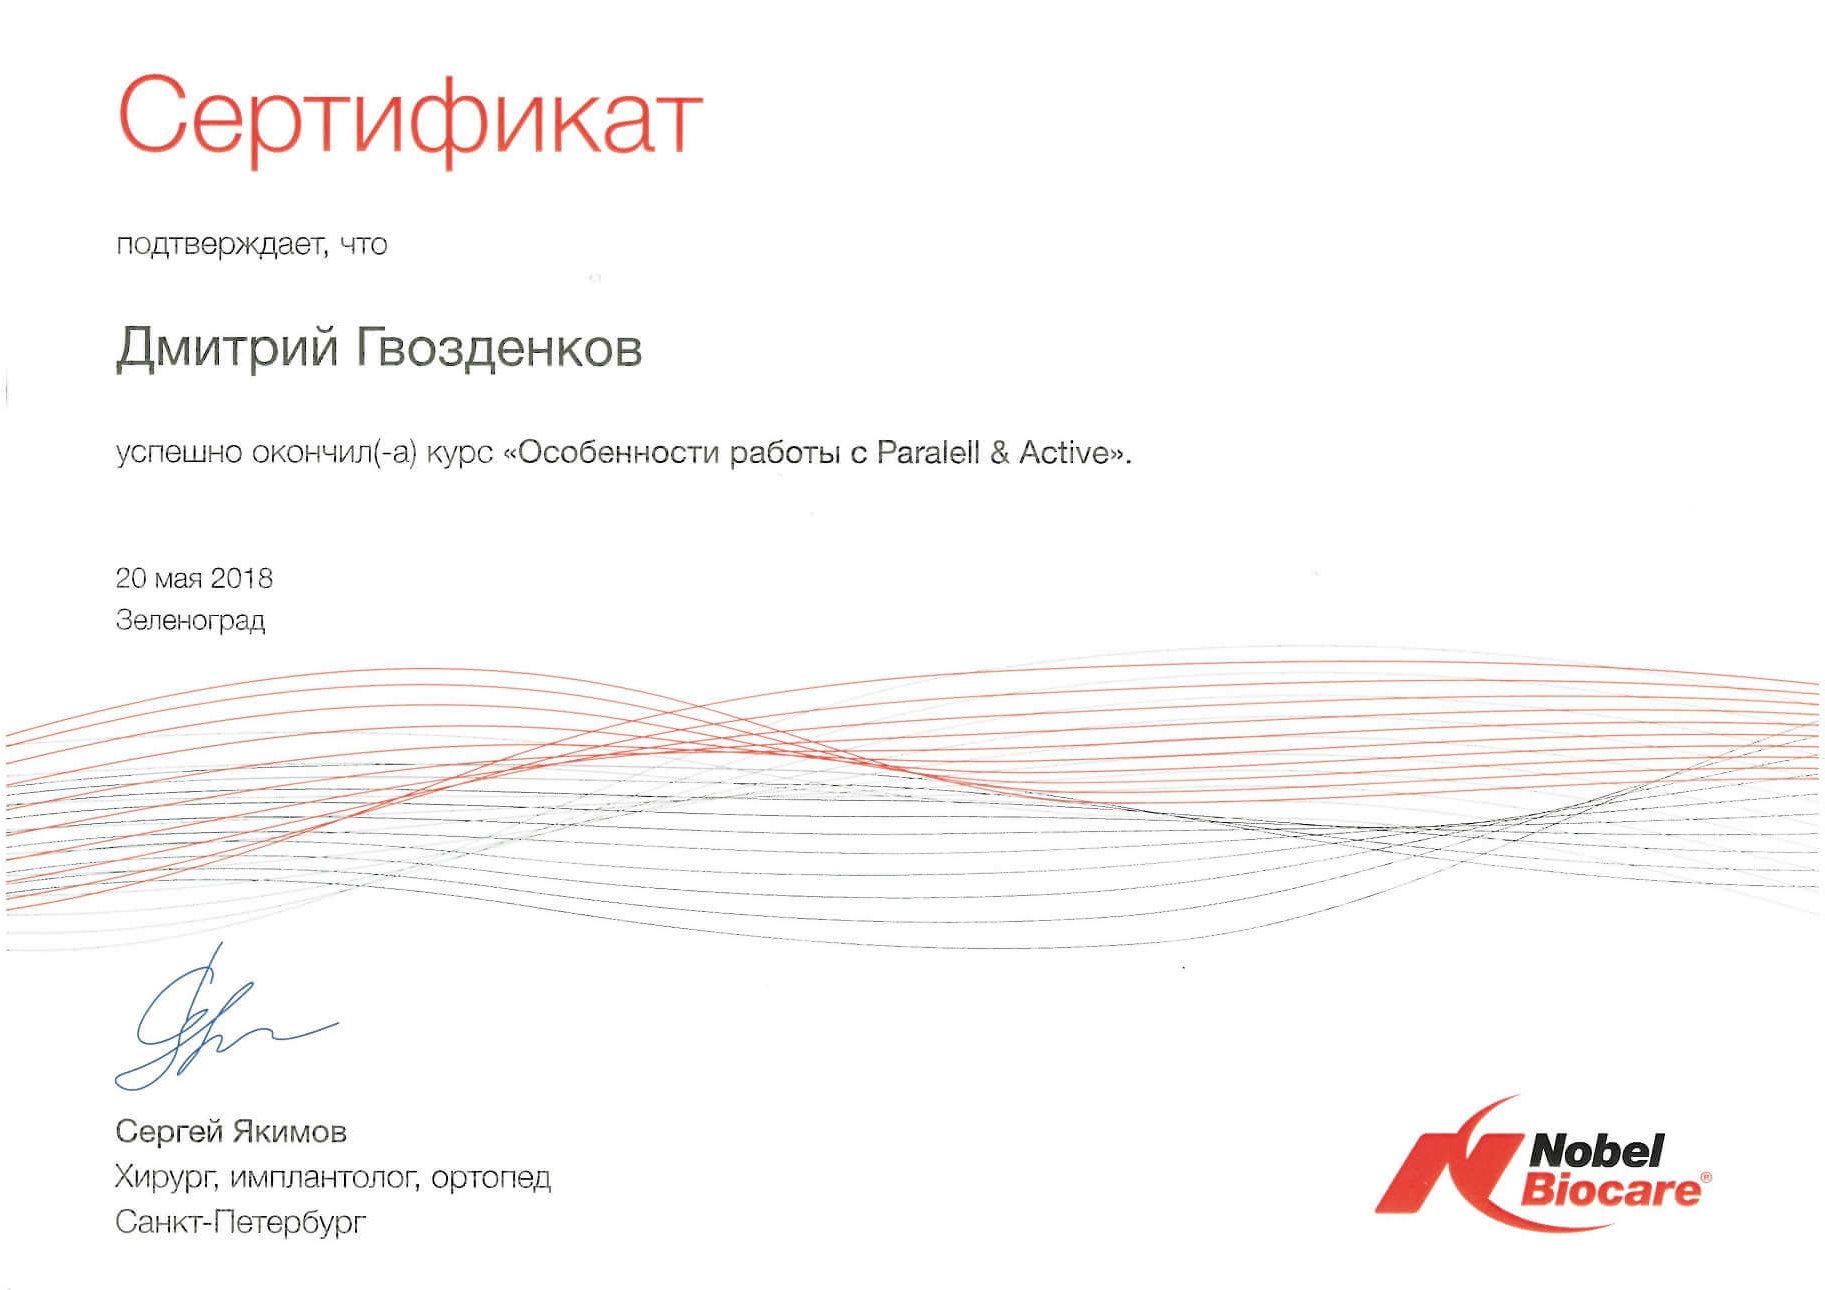 СЕРТИФИКАТ_Особенности работы с Paralell & Active